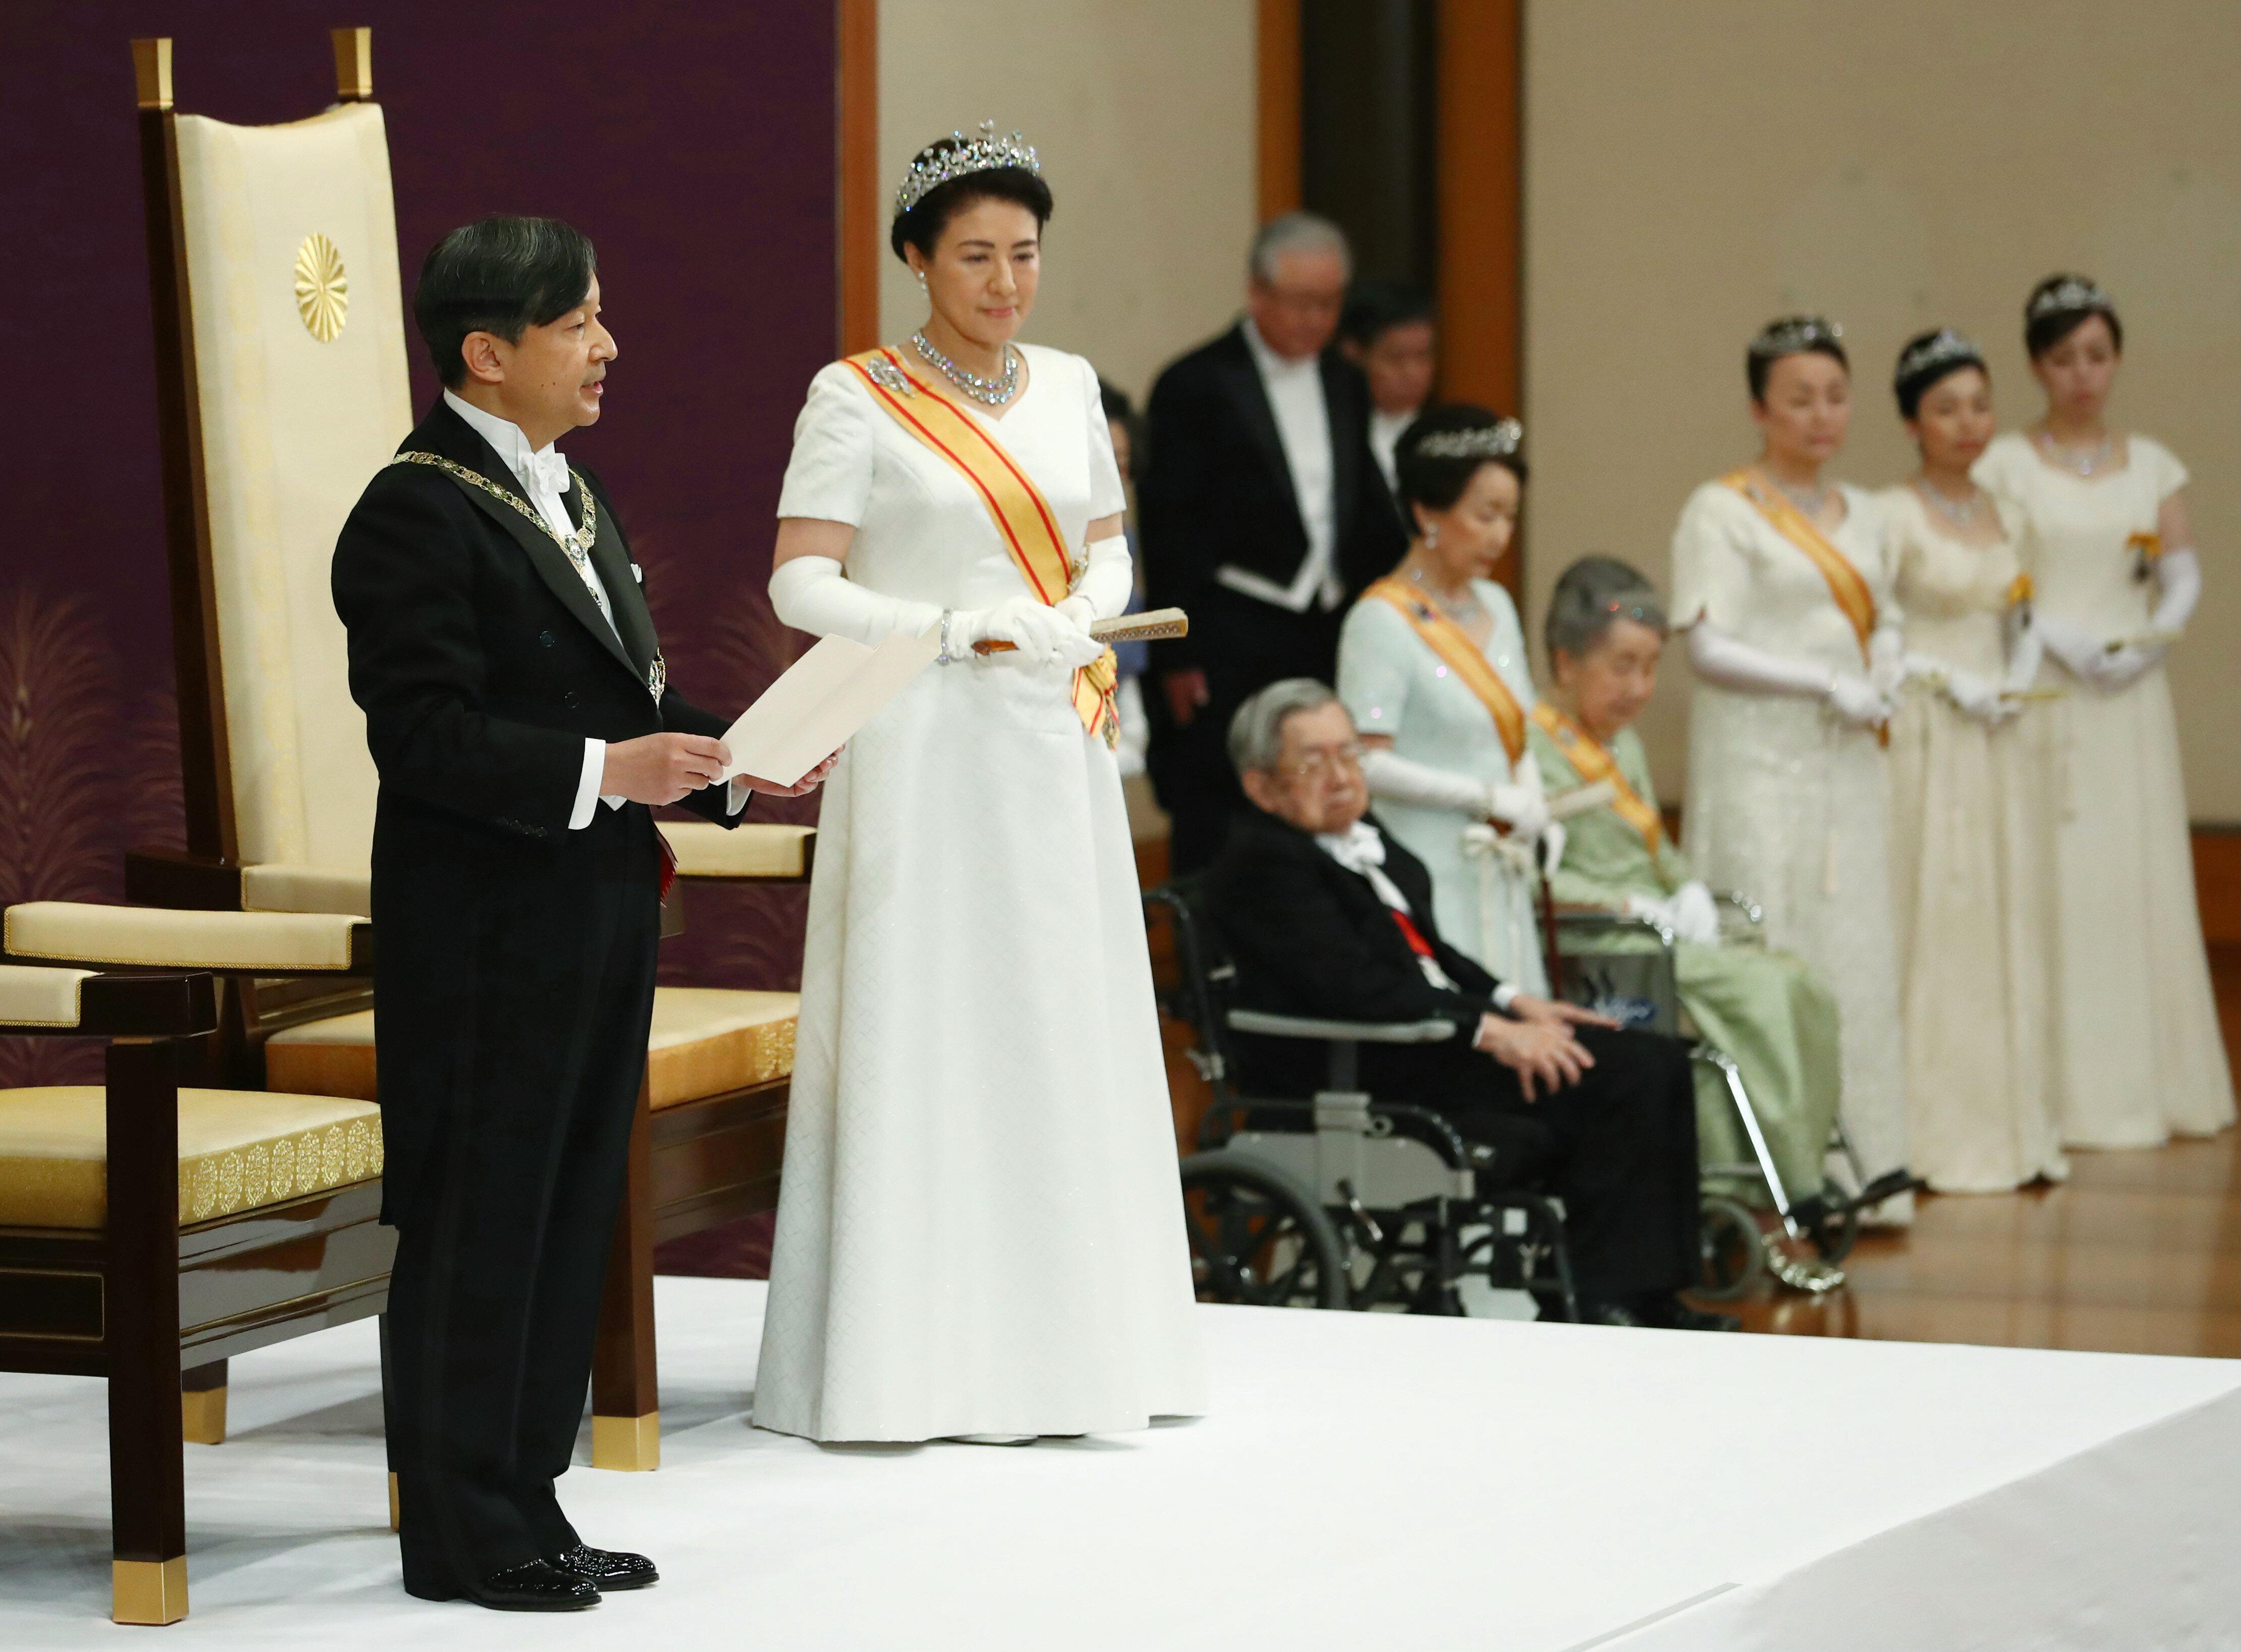 新天皇陛下、最初のお言葉 「常に国民を思い、国民に寄り添う」(全文)